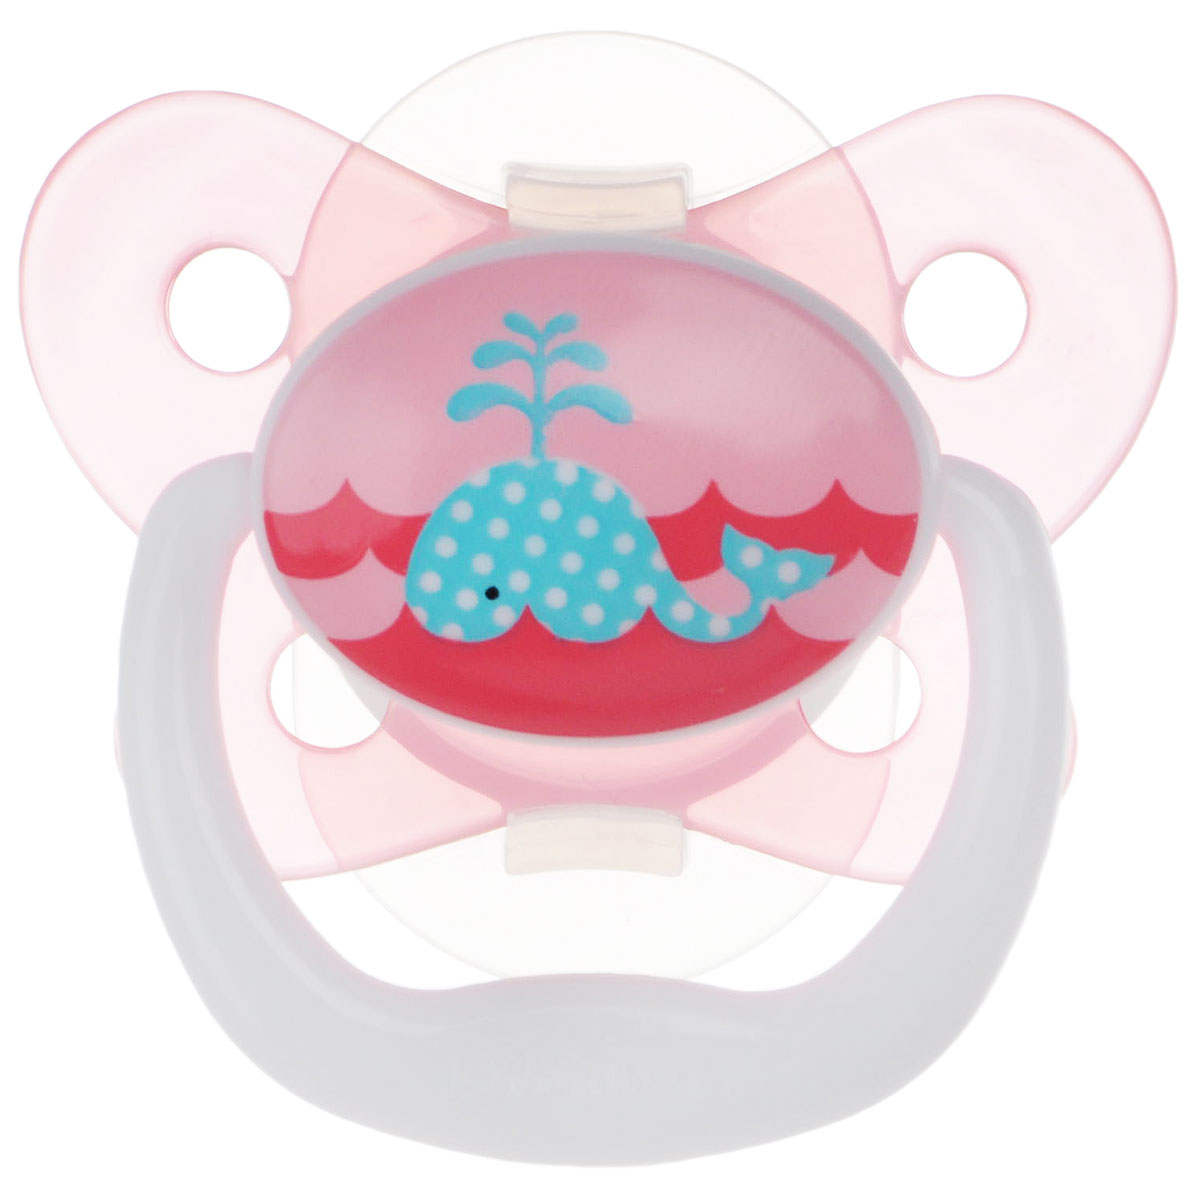 Dr.Brown's Пустышка PreVent Бабочка Кит от 0 до 6 месяцев цвет розовый